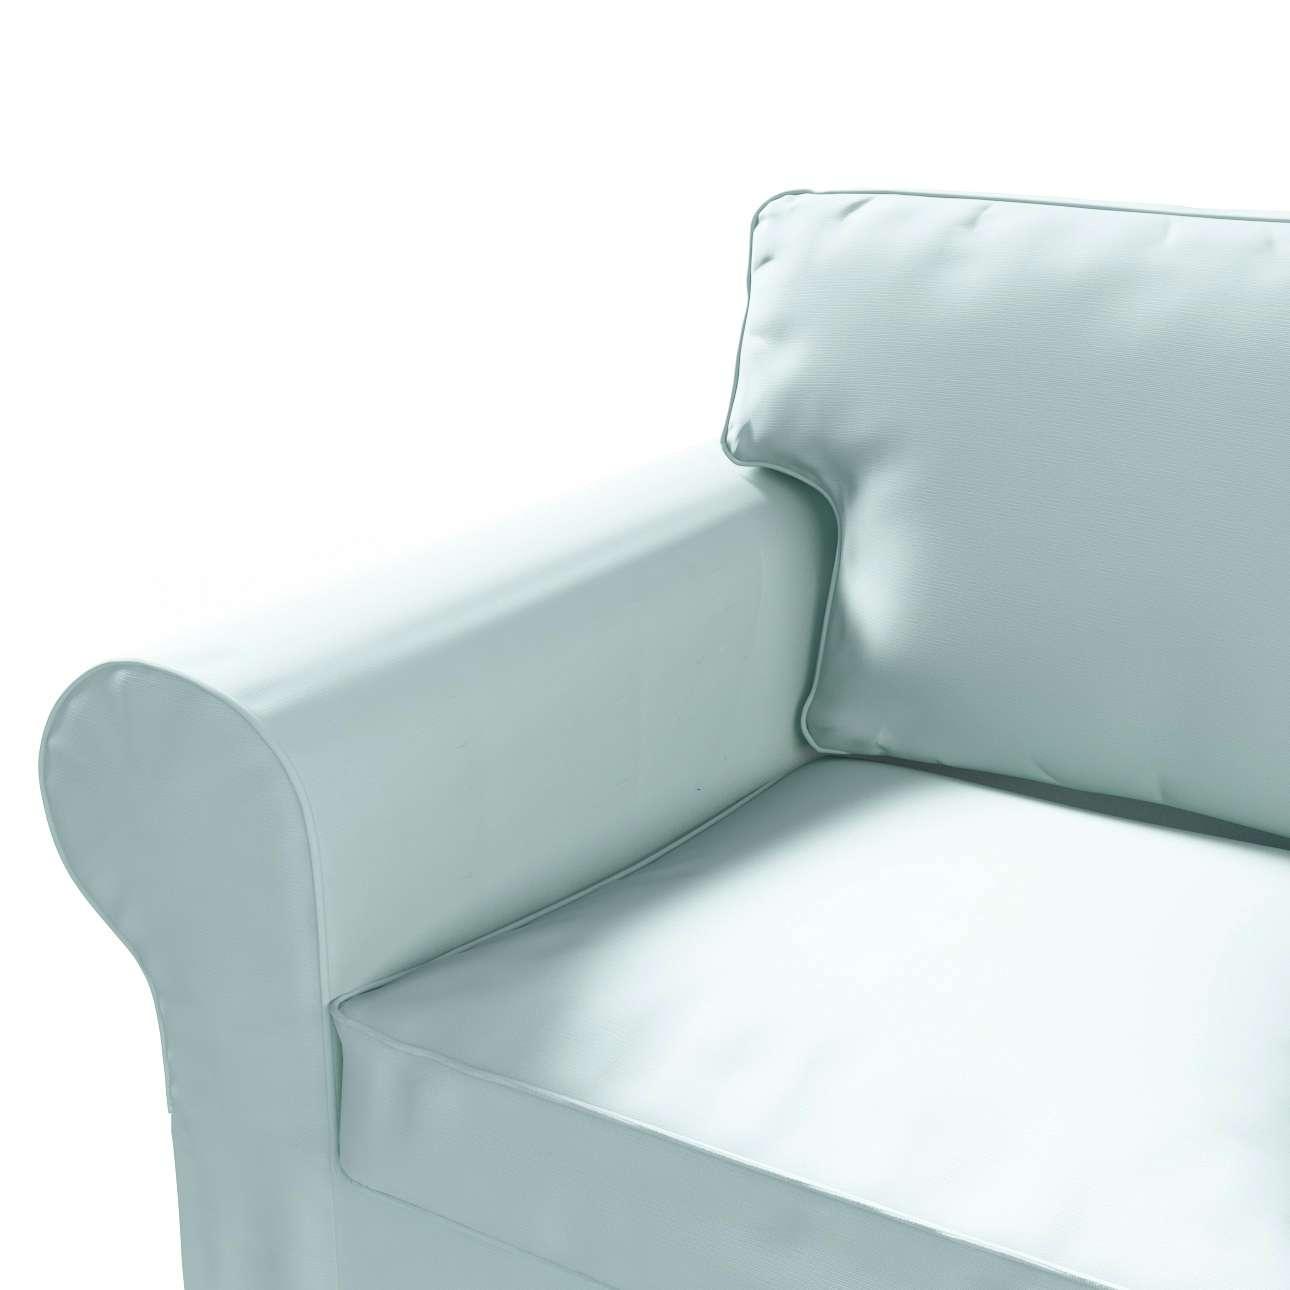 Pokrowiec na sofę Ektorp 2-osobową, rozkładaną, model do 2012 w kolekcji Cotton Panama, tkanina: 702-10